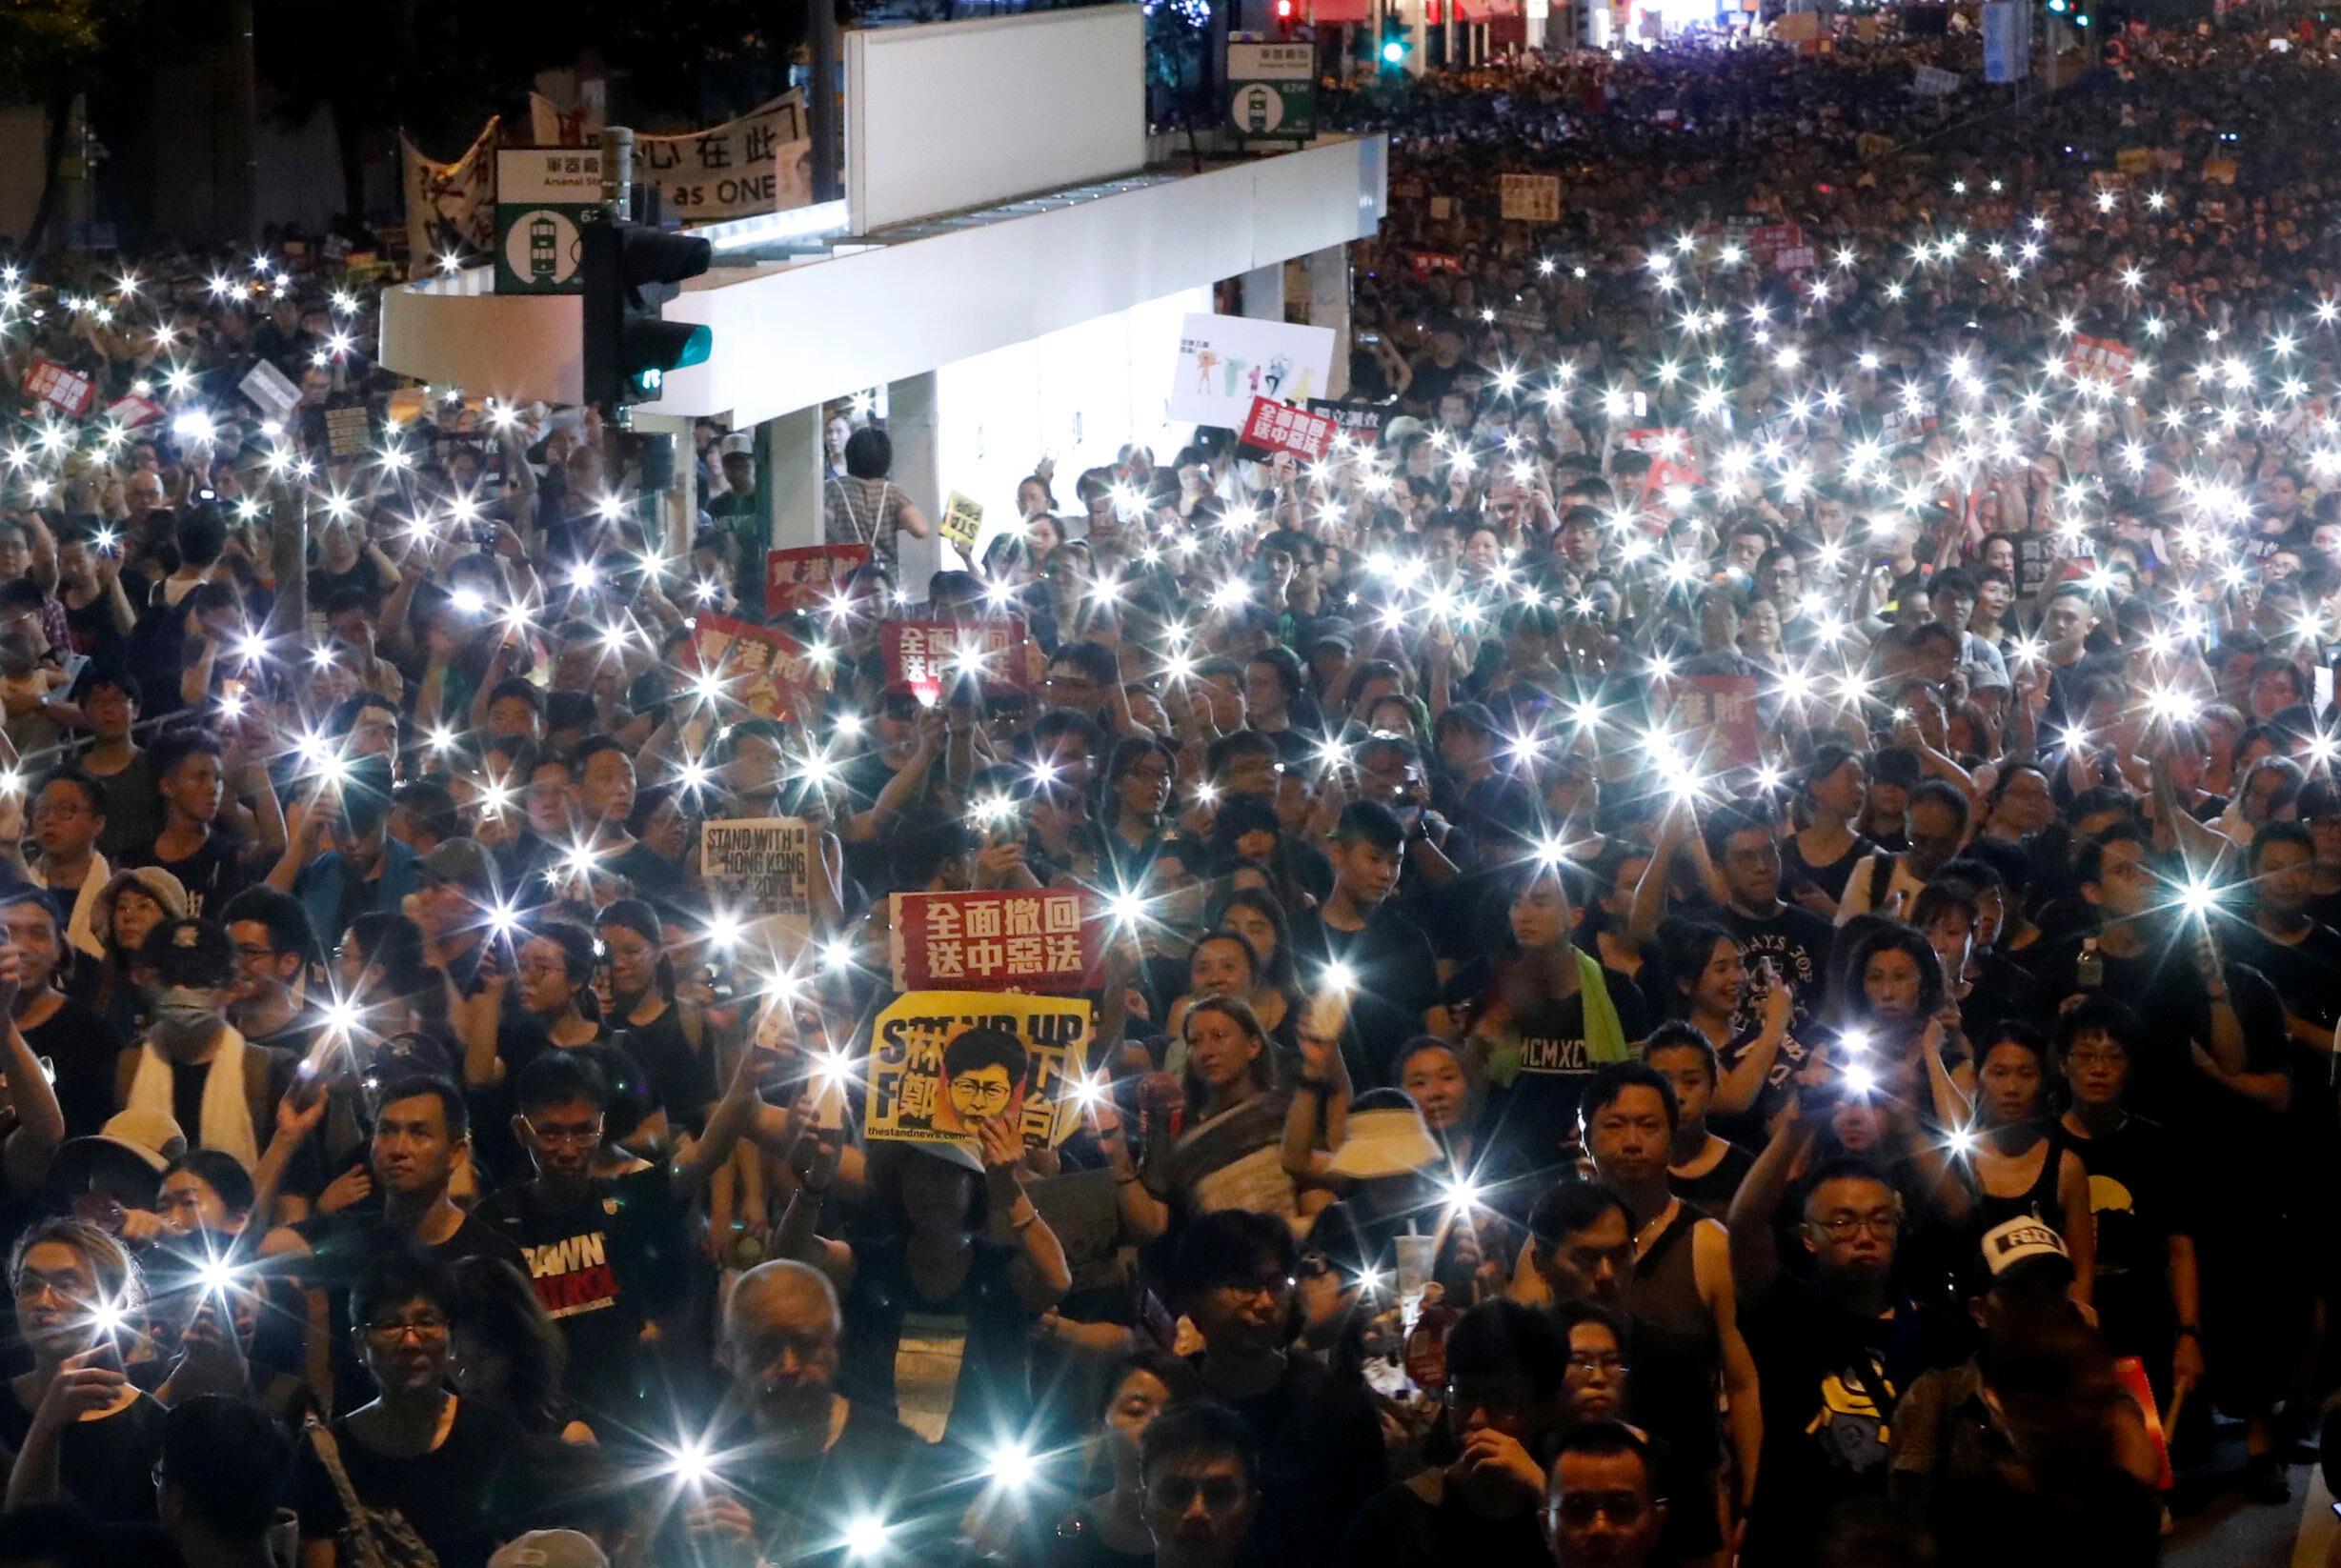 此景不再,香港民陣公布2019年七一遊行參與人數為55萬人。